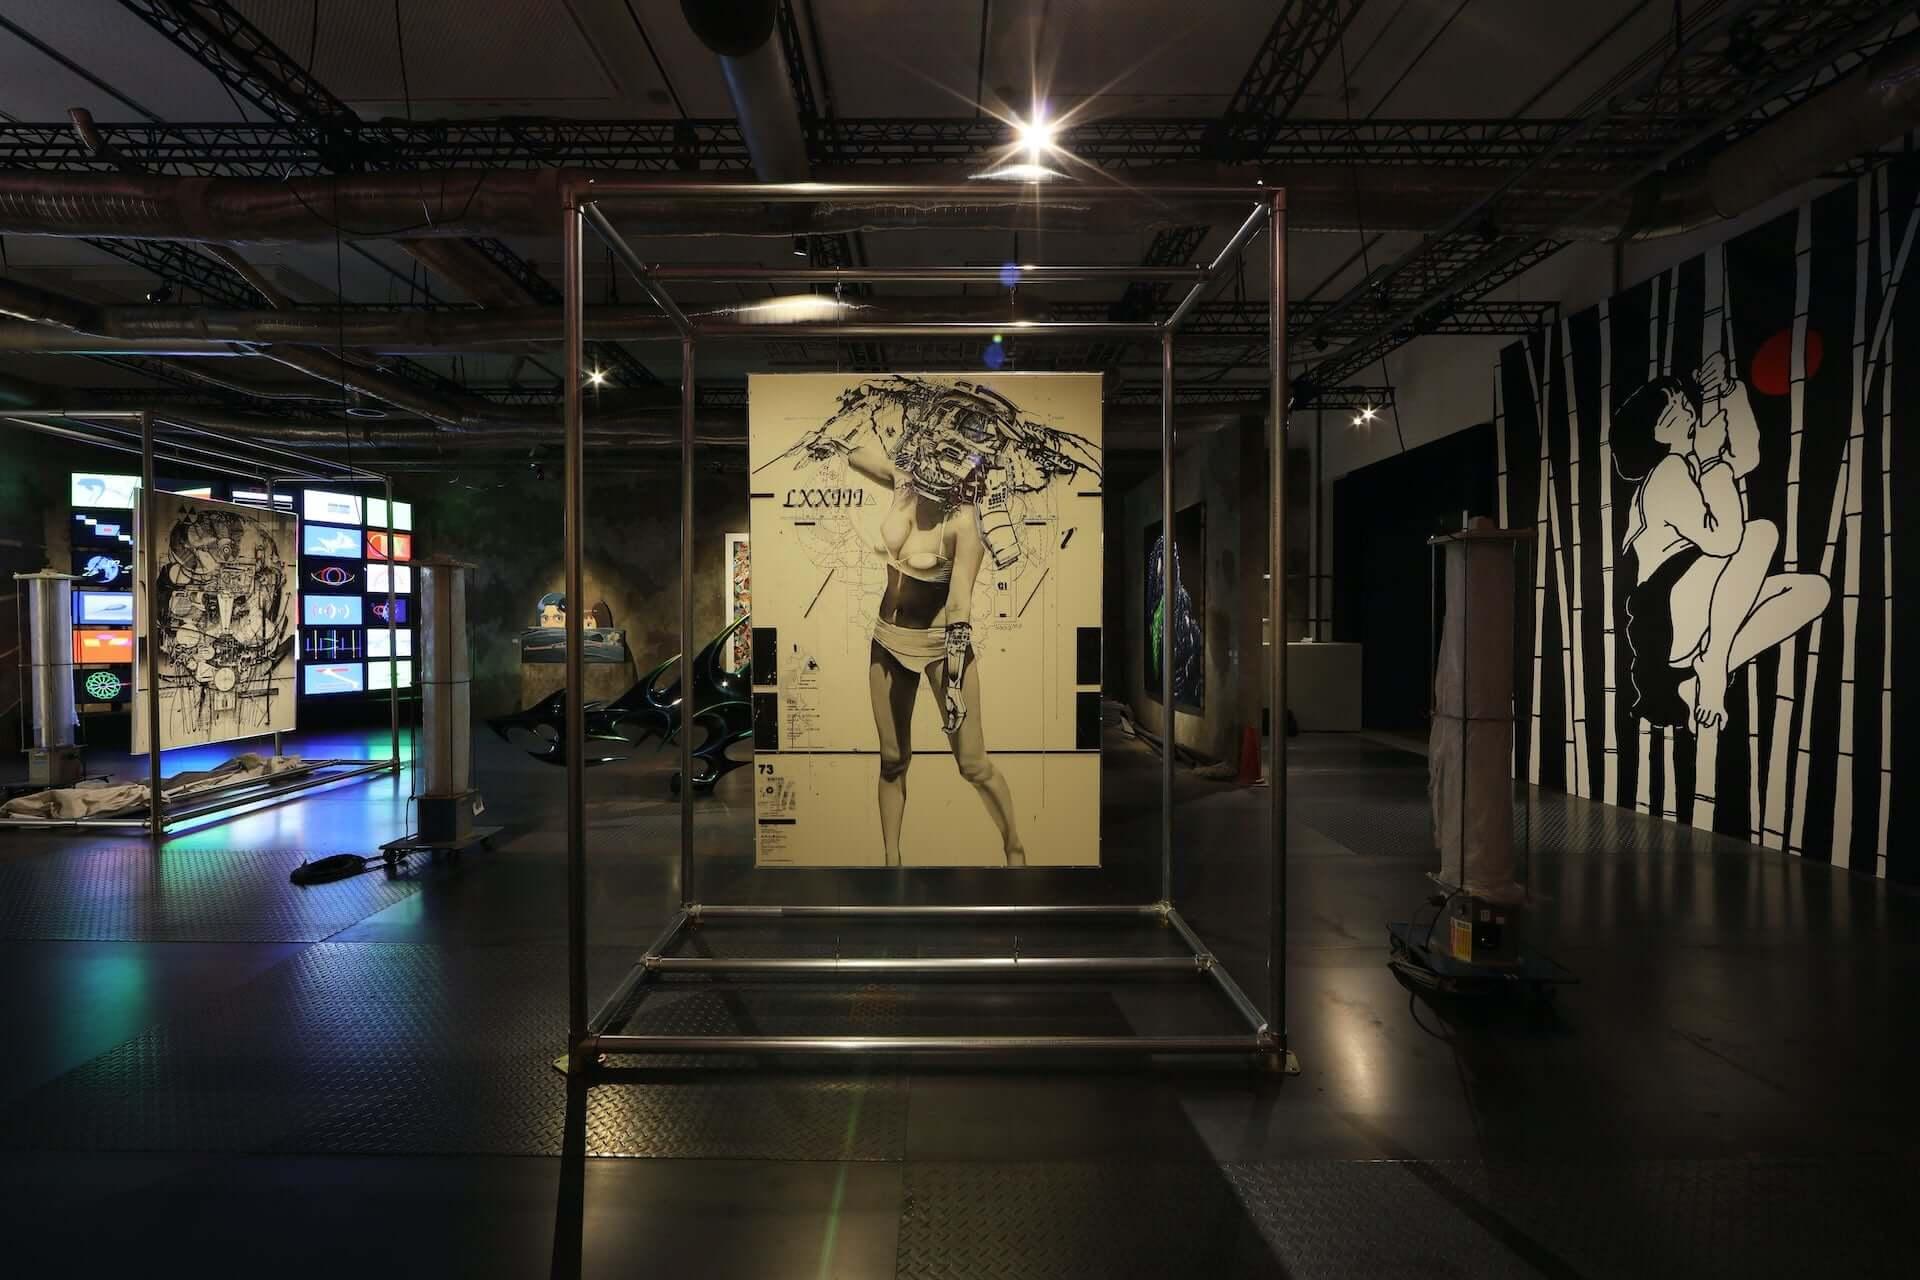 NANZUKAがキュレーションするグループ展<JP POP UNDERGROUND>が心斎橋PARCOにて開催中!田名網敬一、山口はるみ、YOSHIROTTENらが参加 art201125_nanzuka-jpu_11-1920x1280